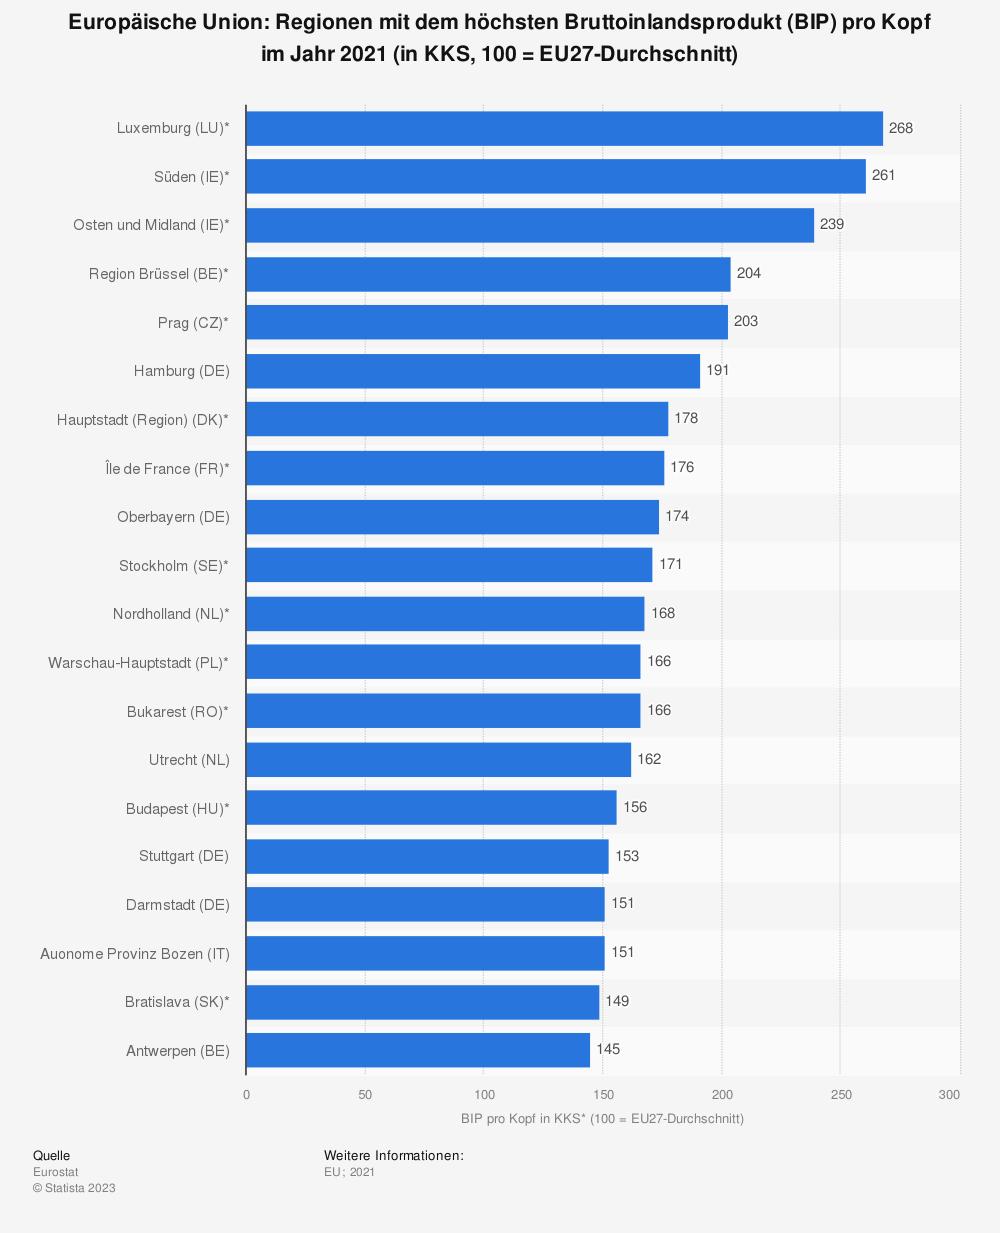 Statistik: Europäische Union: Regionen mit dem höchsten Bruttoinlandsprodukt (BIP) pro Kopf im Jahr 2015 (in KKS, 100 = EU-Durchschnitt) | Statista